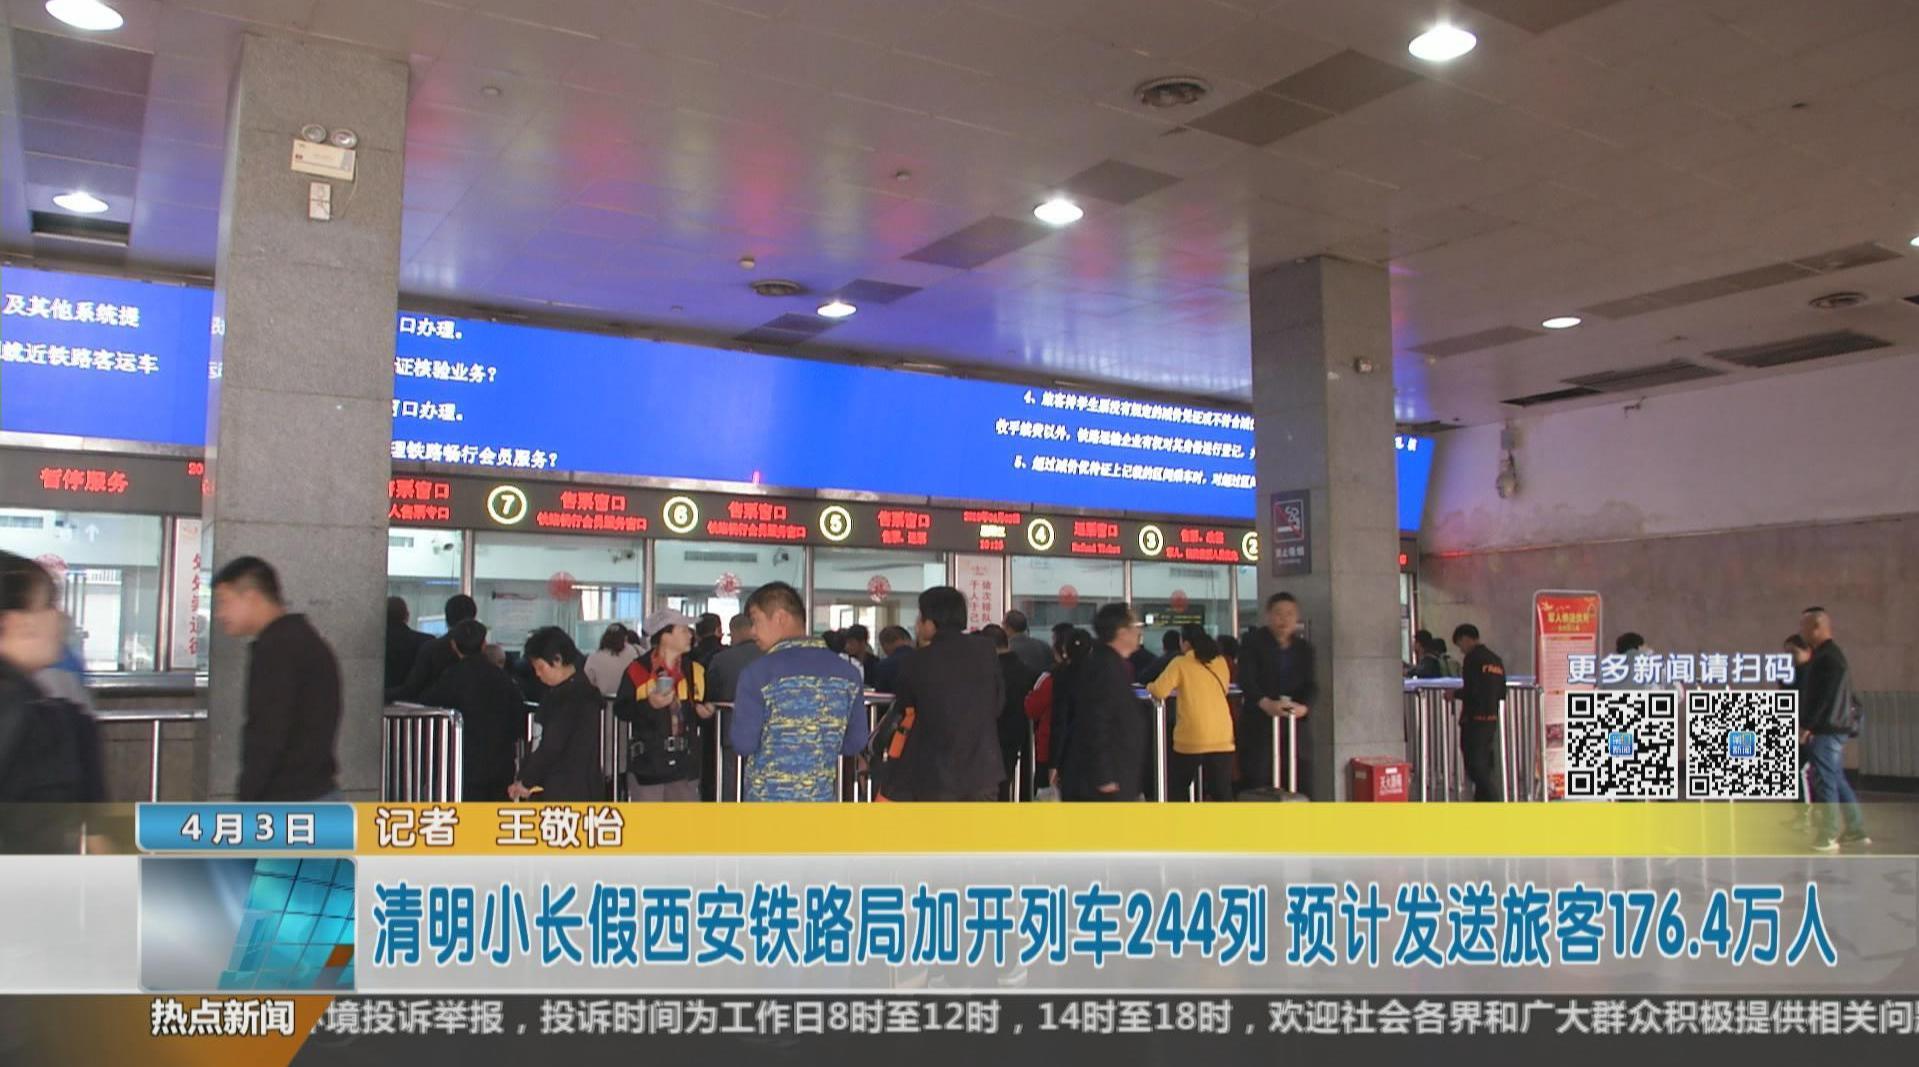 清明小长假西安铁路局加开列车244列 预计发送旅客176.4万人